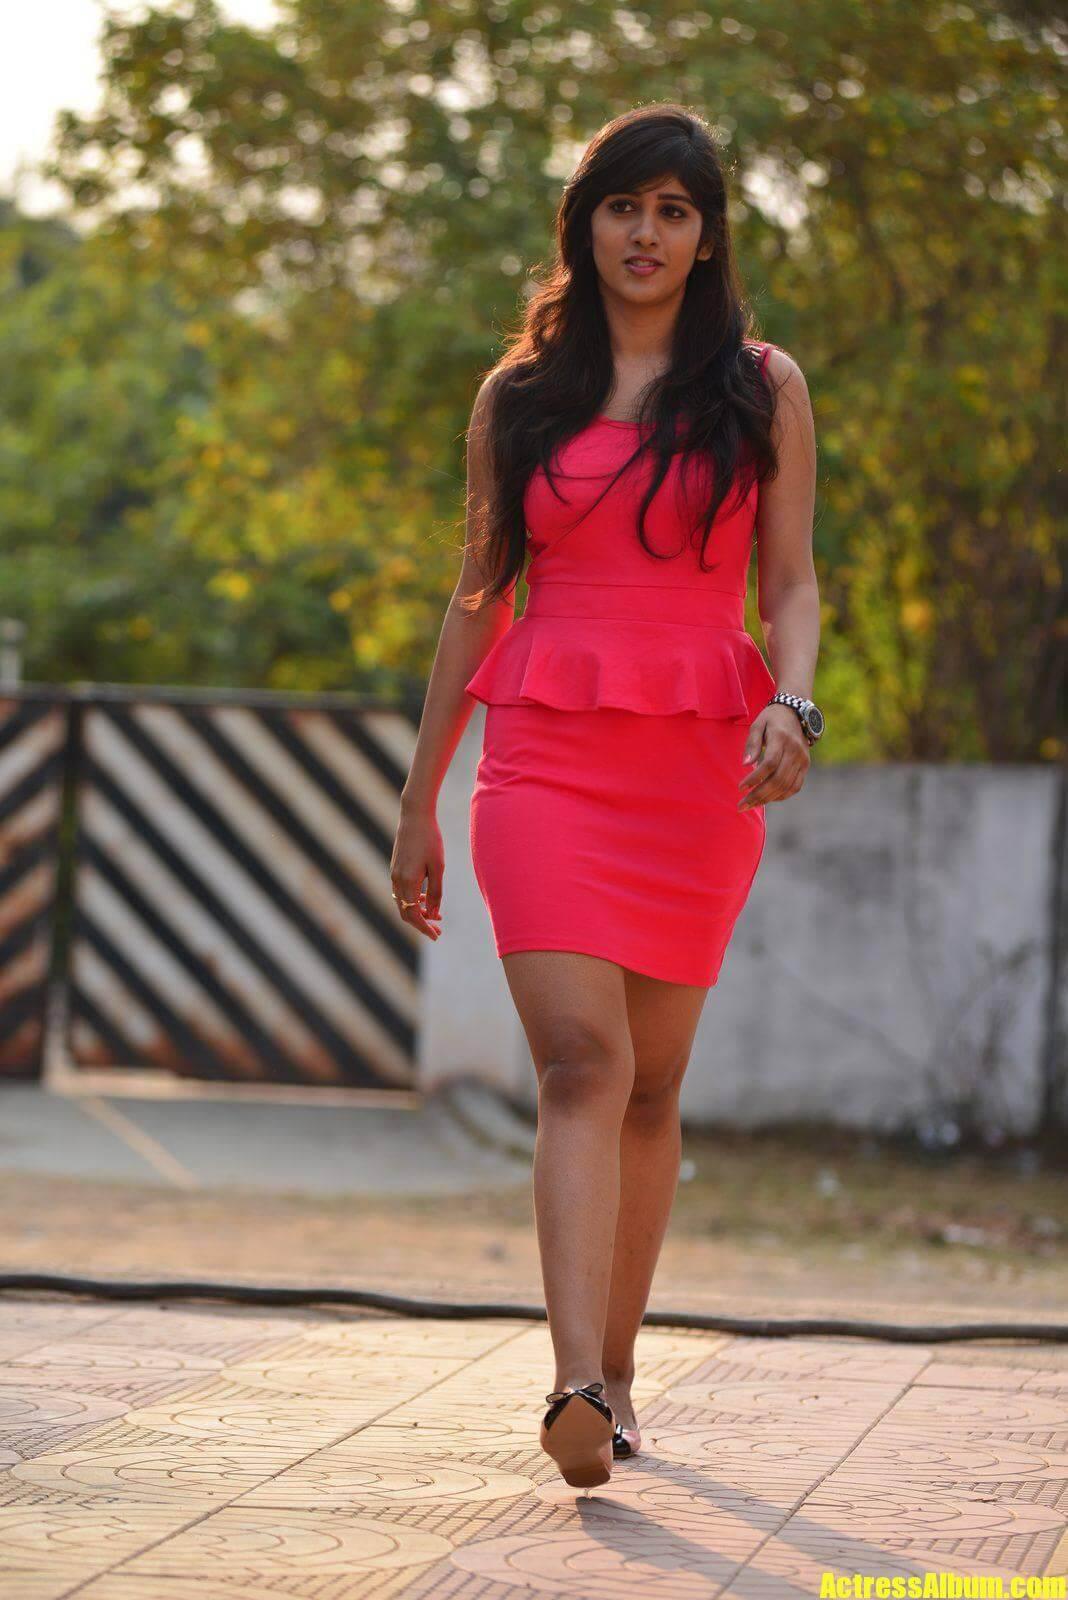 Actress Chandini Chowdary Long Legs Hot Stills-3200